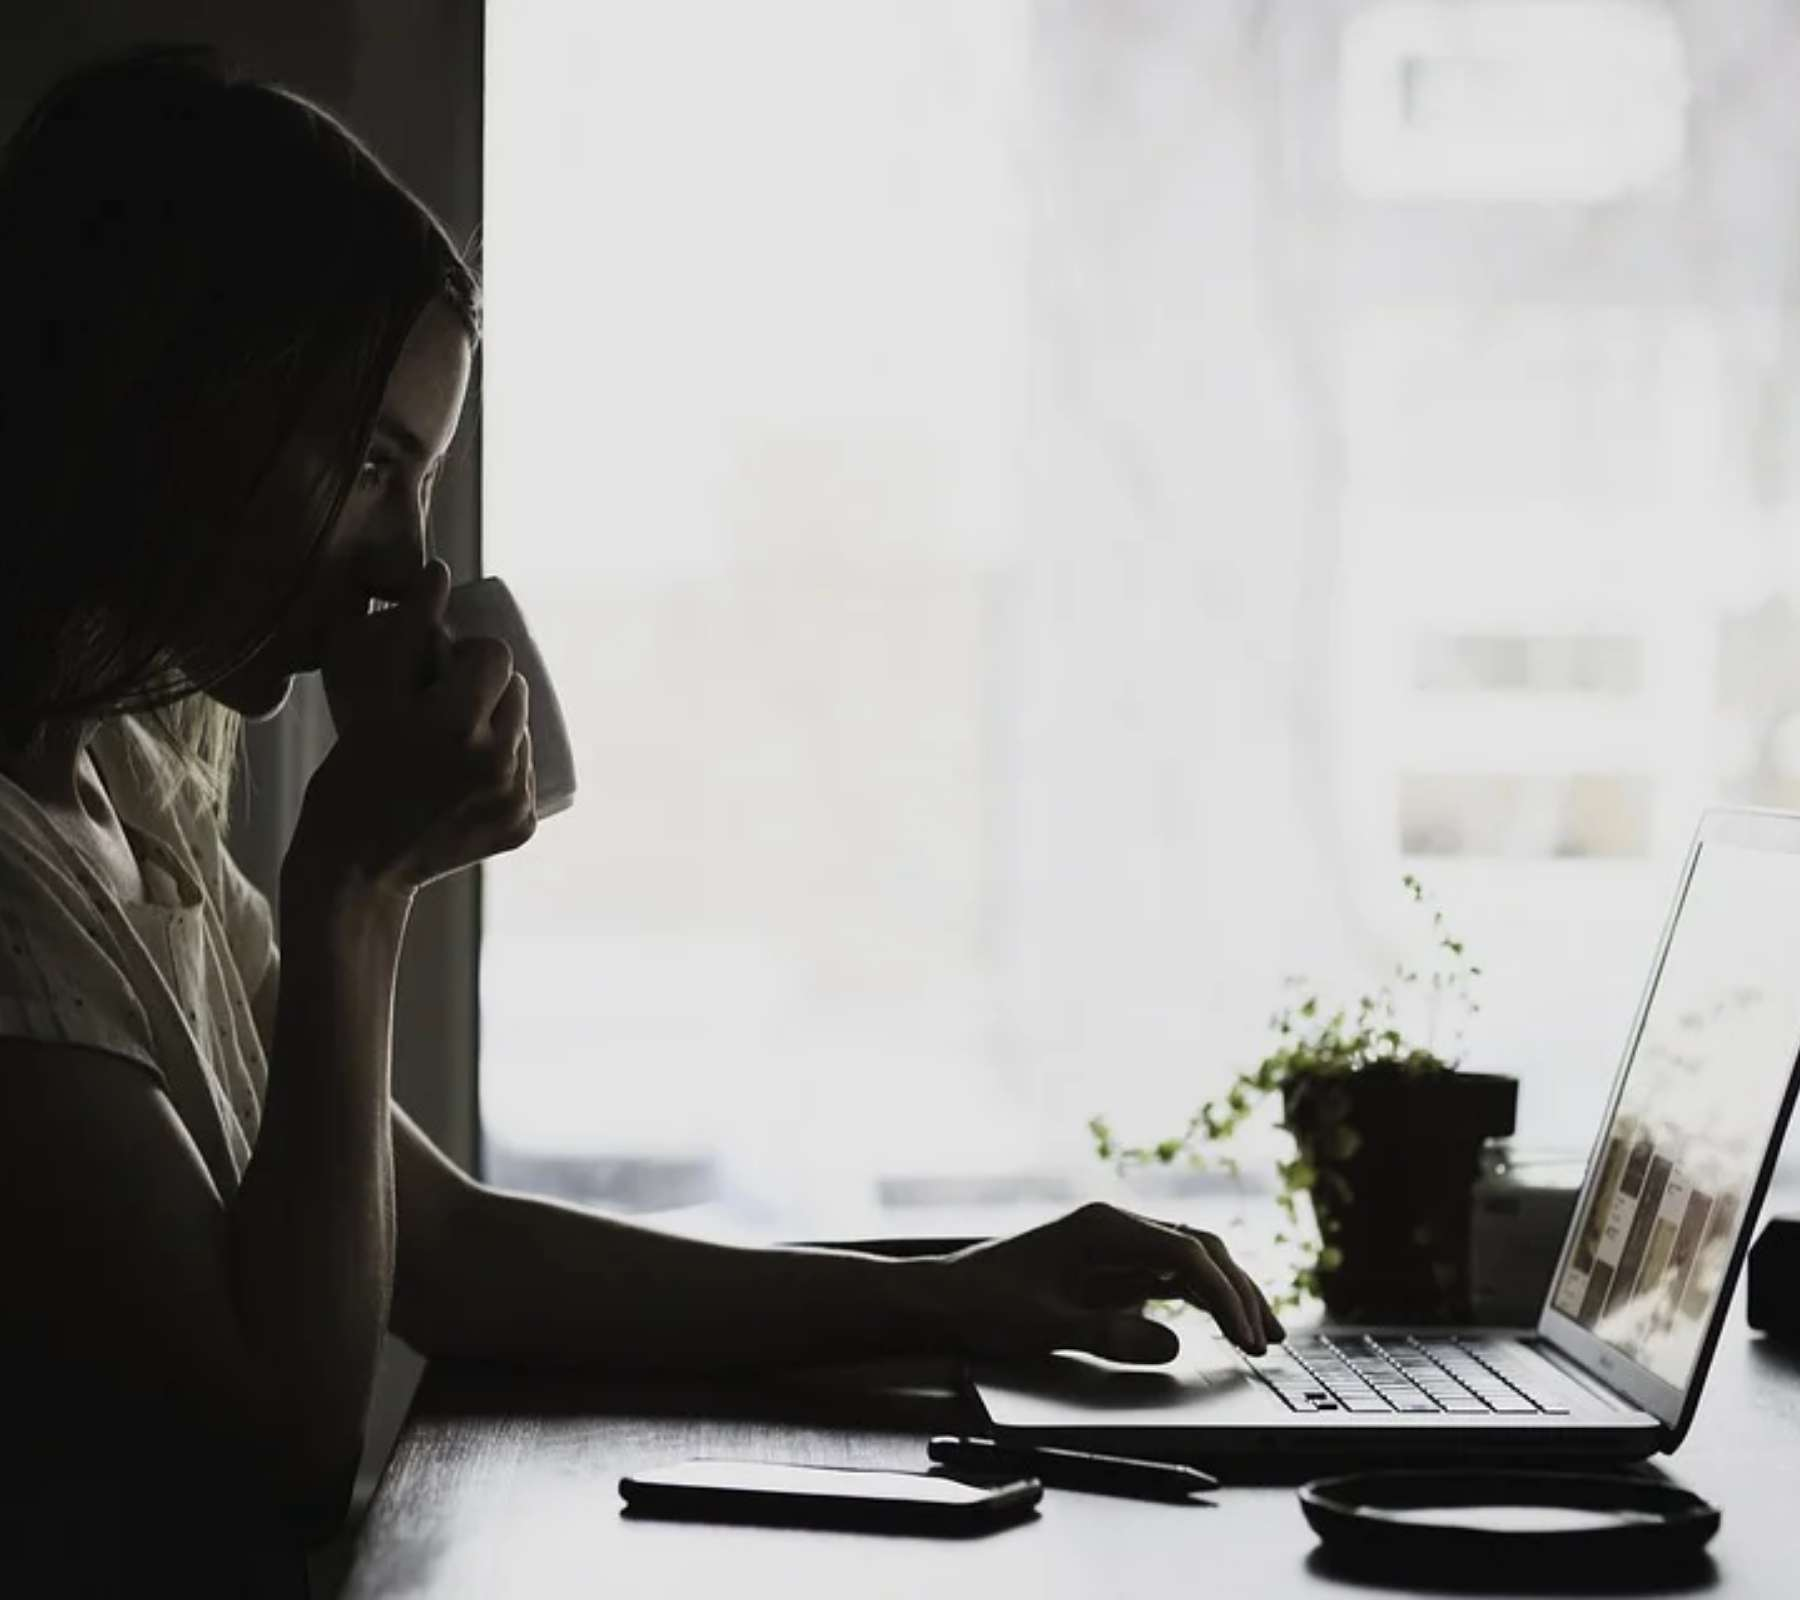 Mujer observando su computadora.